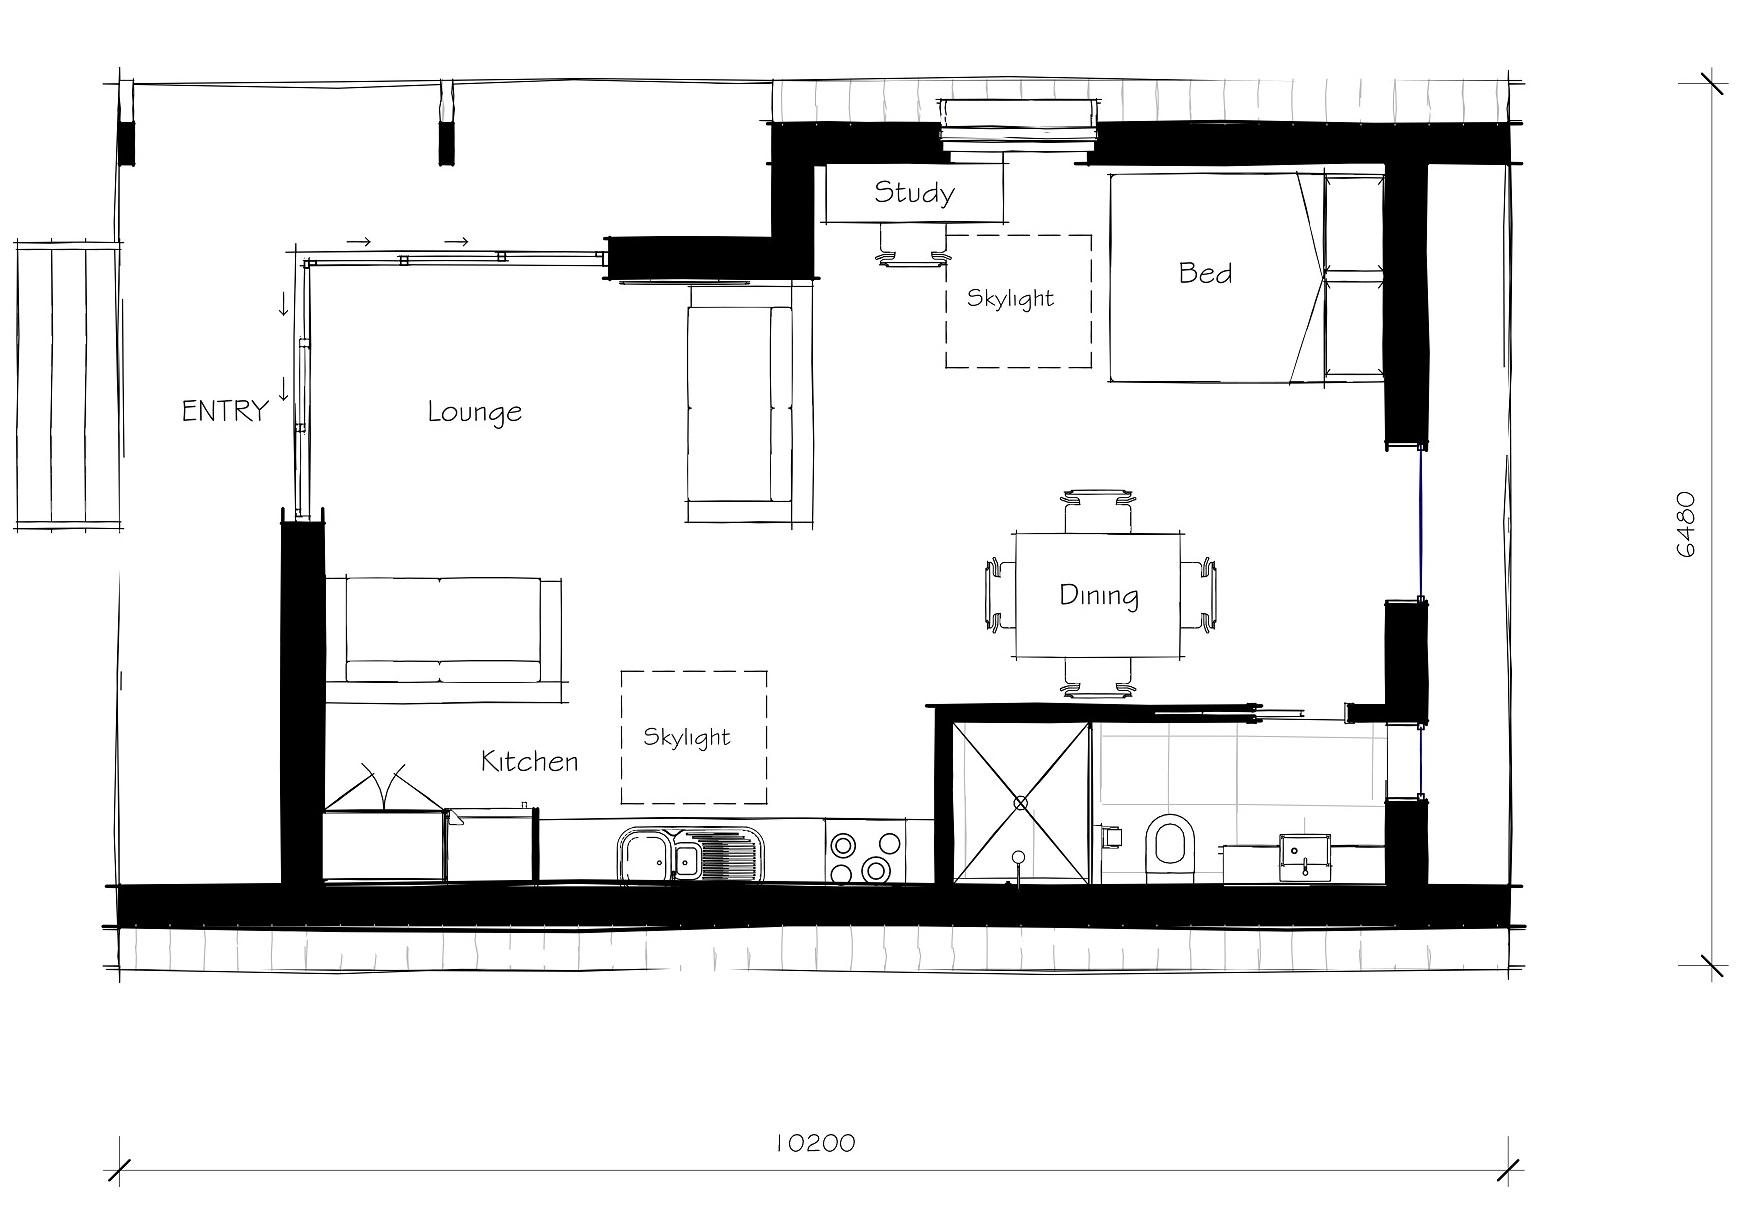 backyard studio floor plan